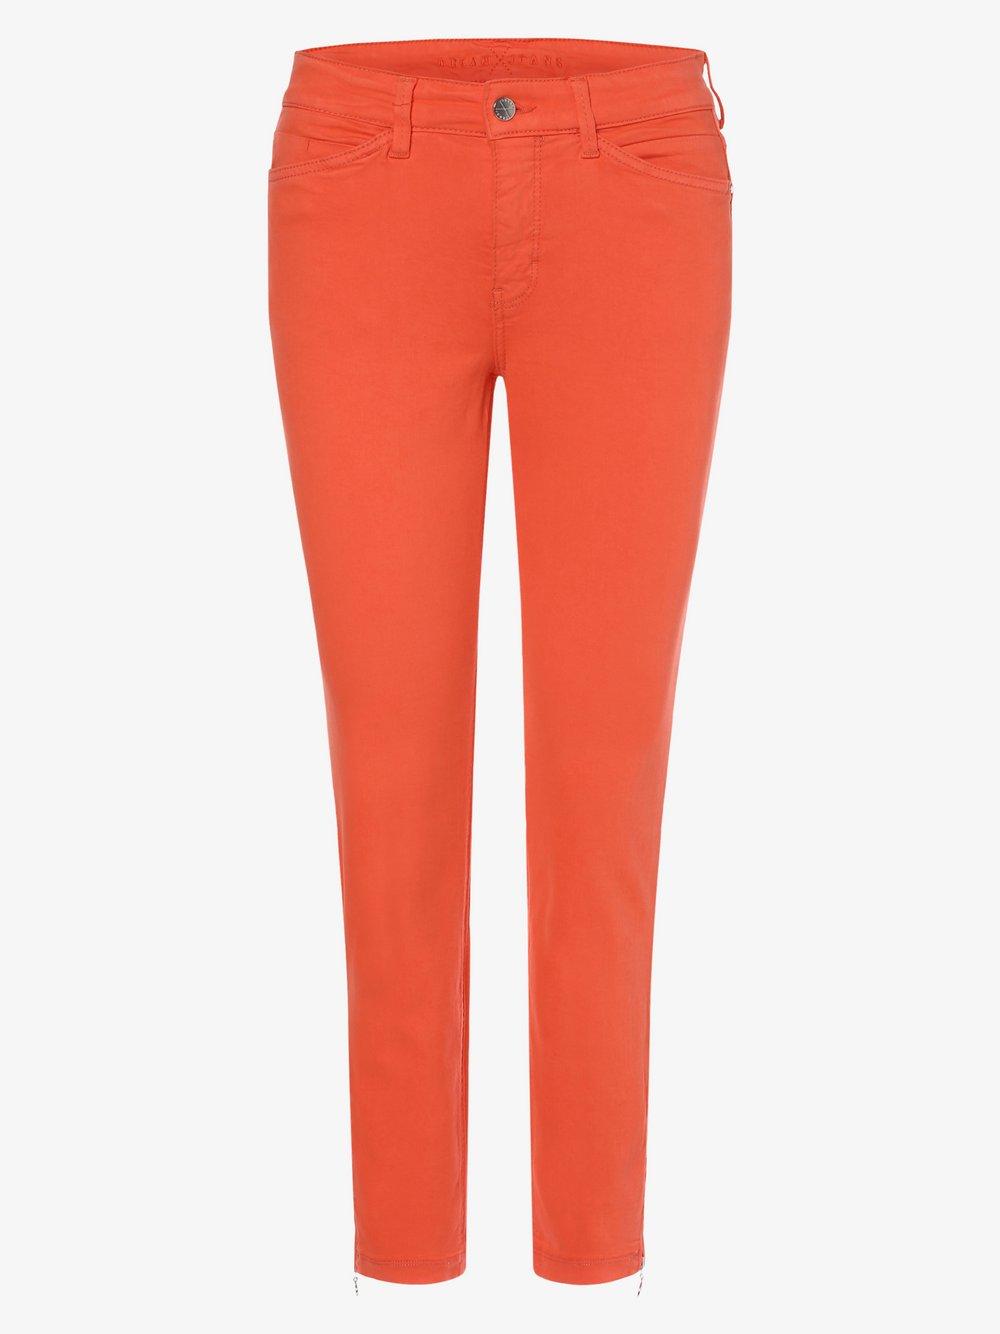 MAC – Jeansy damskie – Dream Chic, pomarańczowy Van Graaf 387631-0012-03627